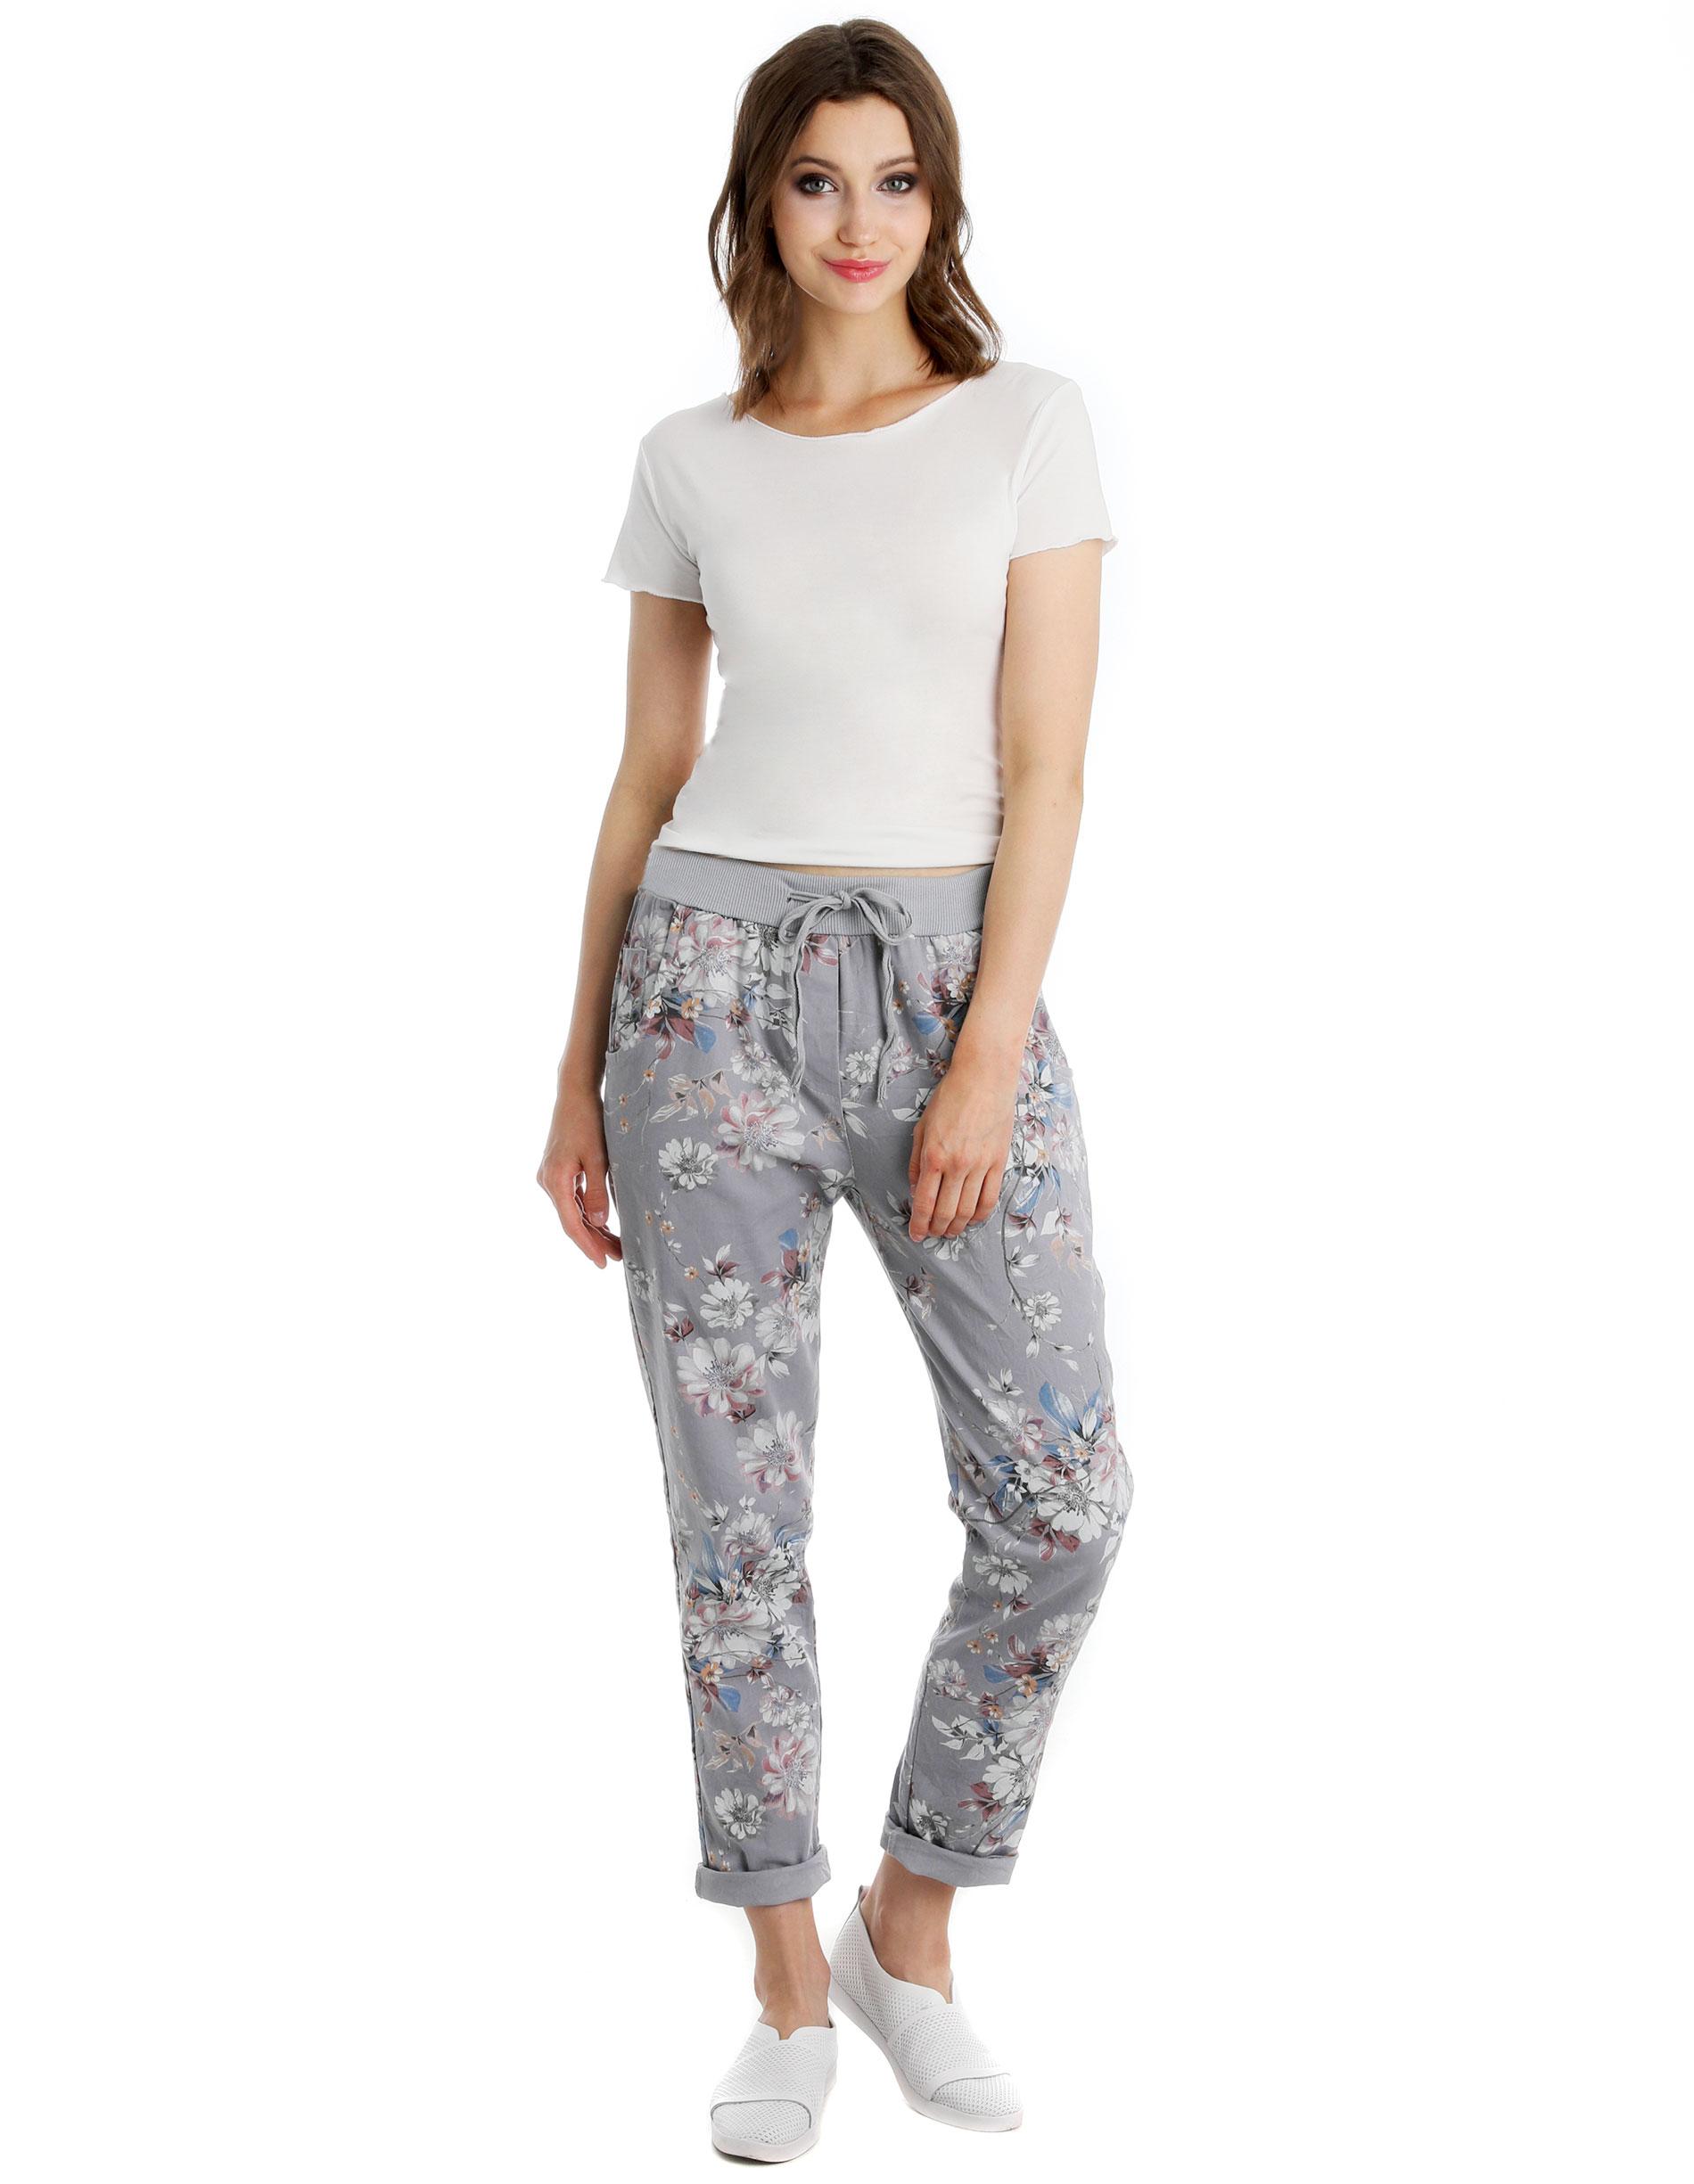 Spodnie - 141-8115 PERL - Unisono